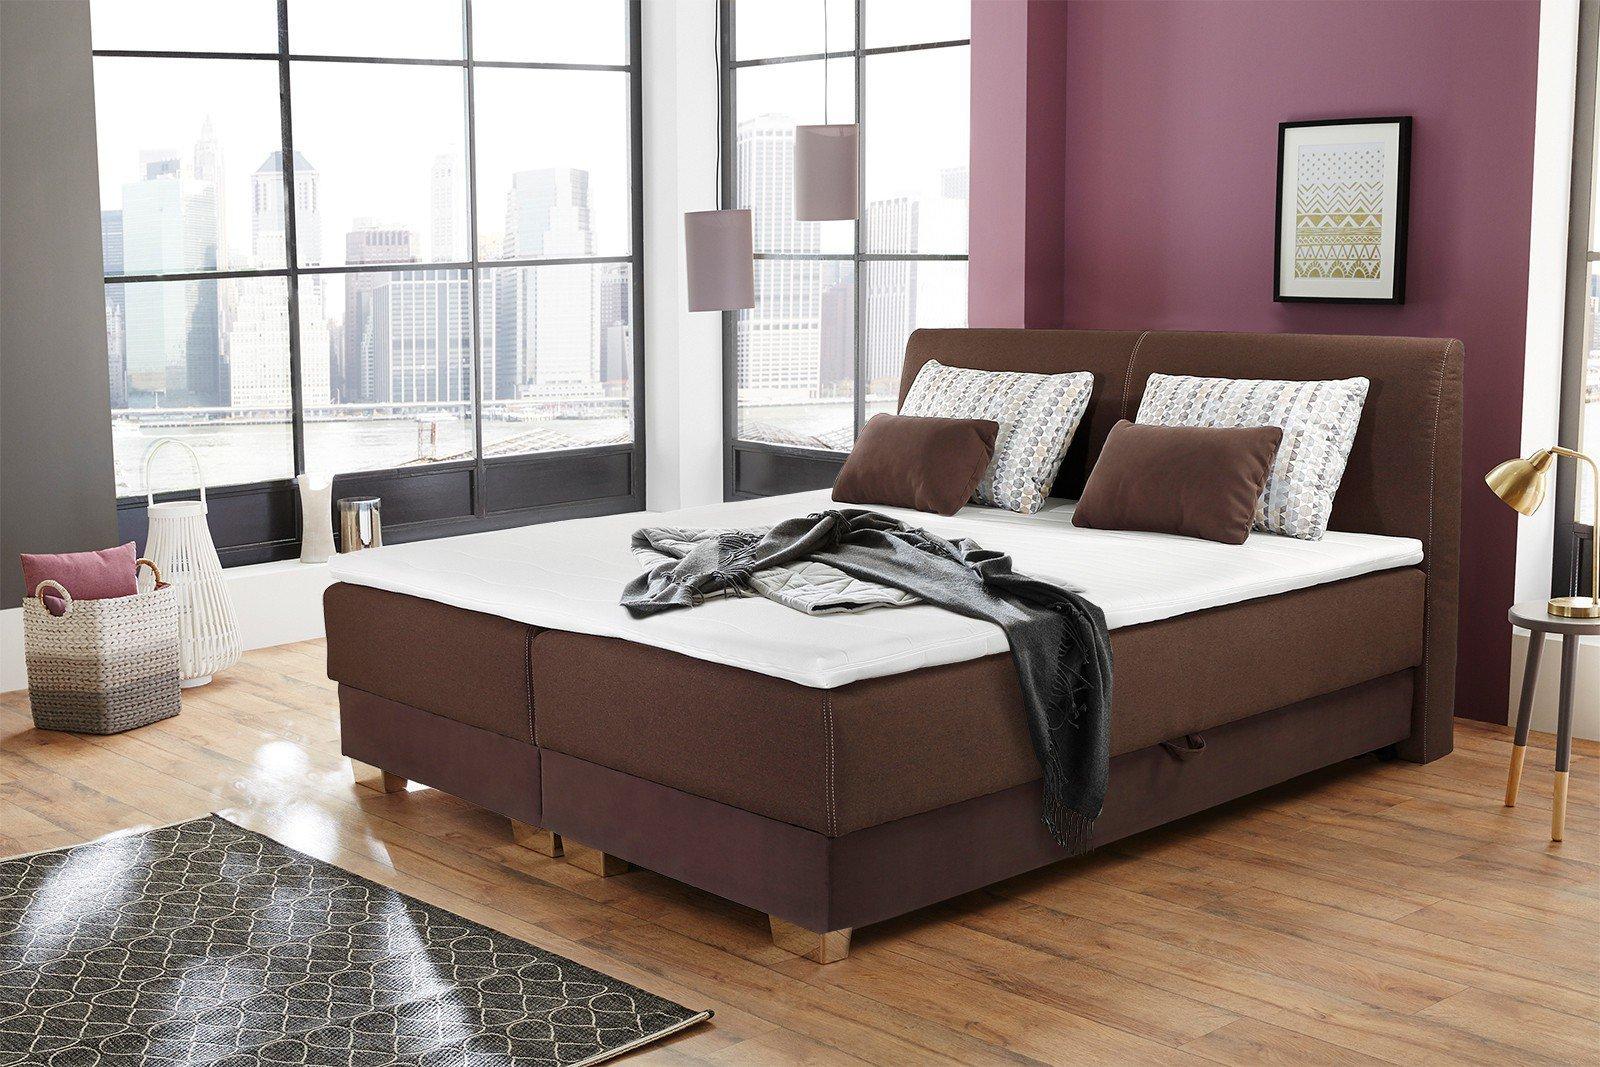 jockenh fer julie boxspringbett 180 braun mit bettkasten m bel letz ihr online shop. Black Bedroom Furniture Sets. Home Design Ideas